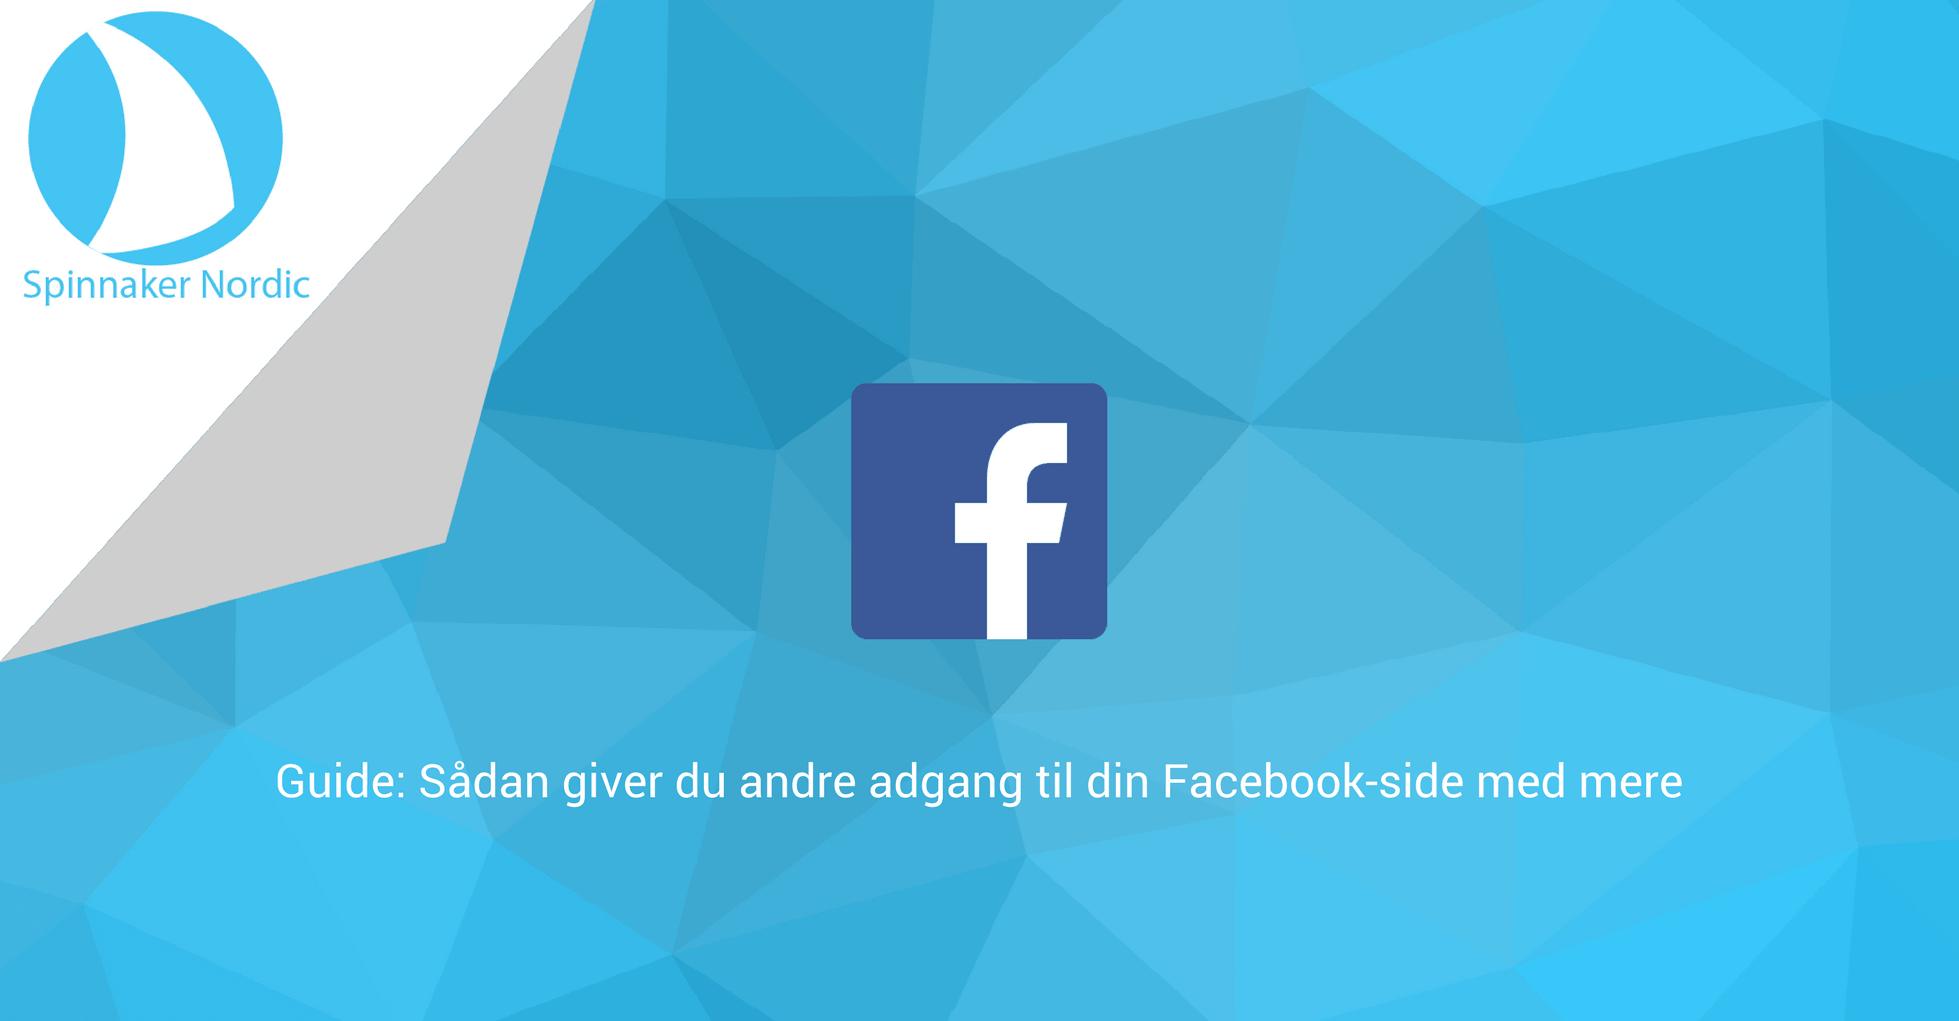 Guide - Sådan giver du andre adgang til din Facebook-side med mere